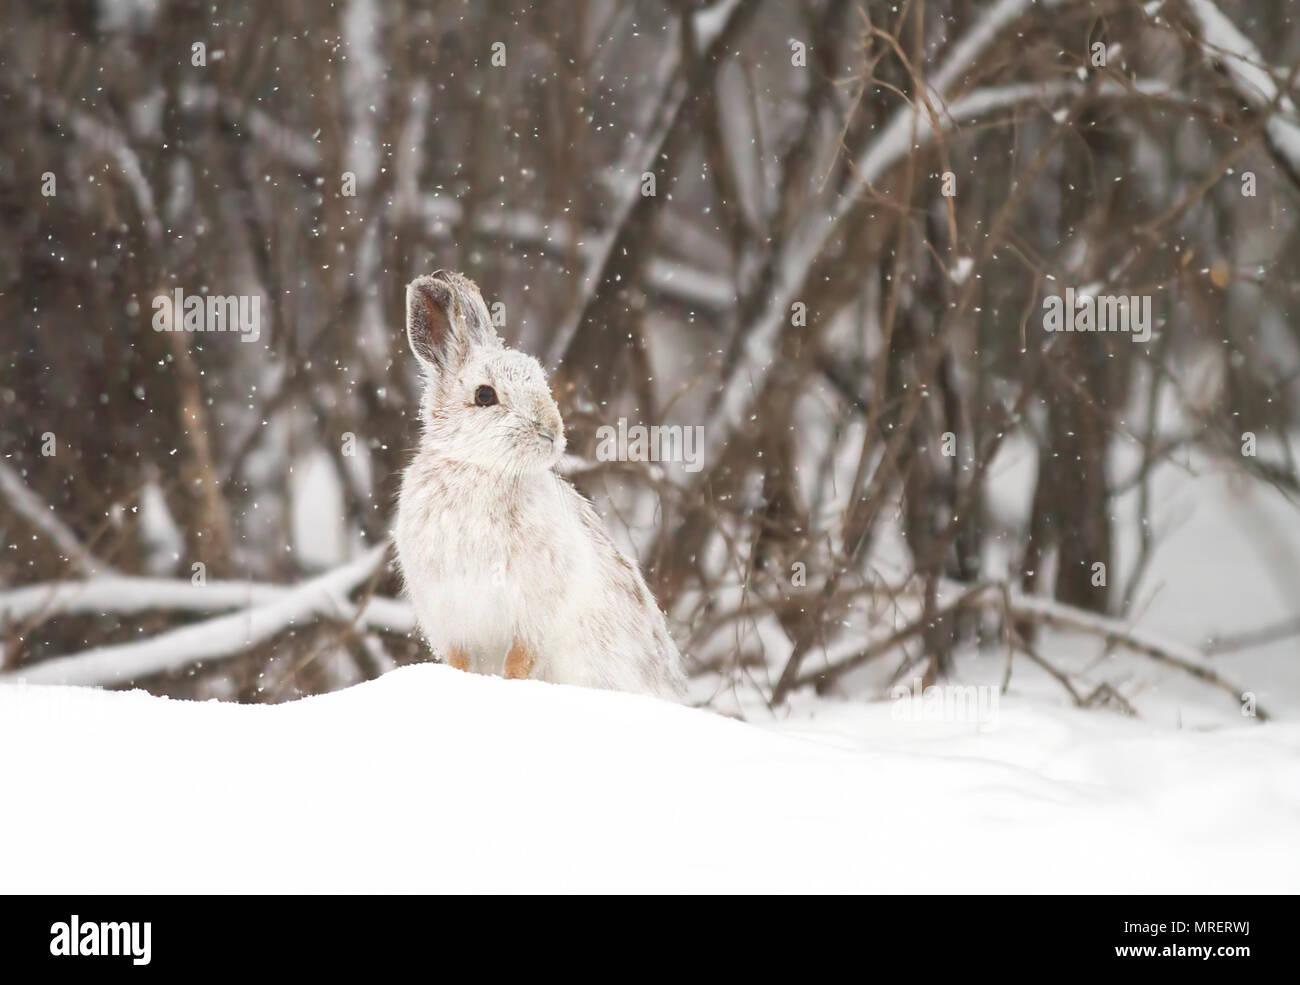 Snowshoe hare o variando la liebre (Lepus americanus) de pie en la nieve con una bata blanca en invierno en Canadá Imagen De Stock